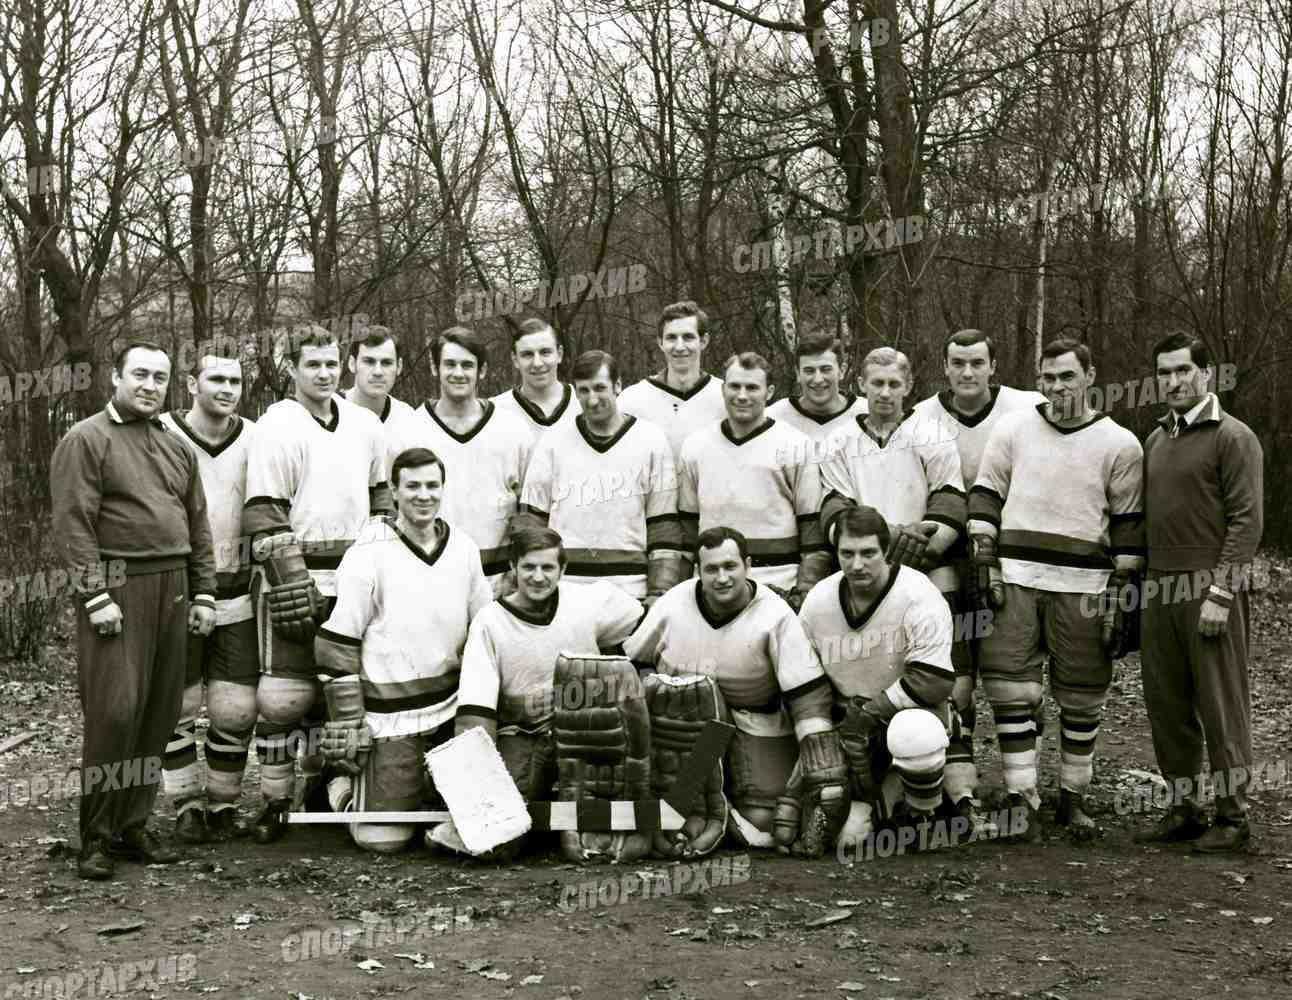 Локомотив 03 - победитель 1й лиги чемпионата СССР 1971-04 см список 1.jpg